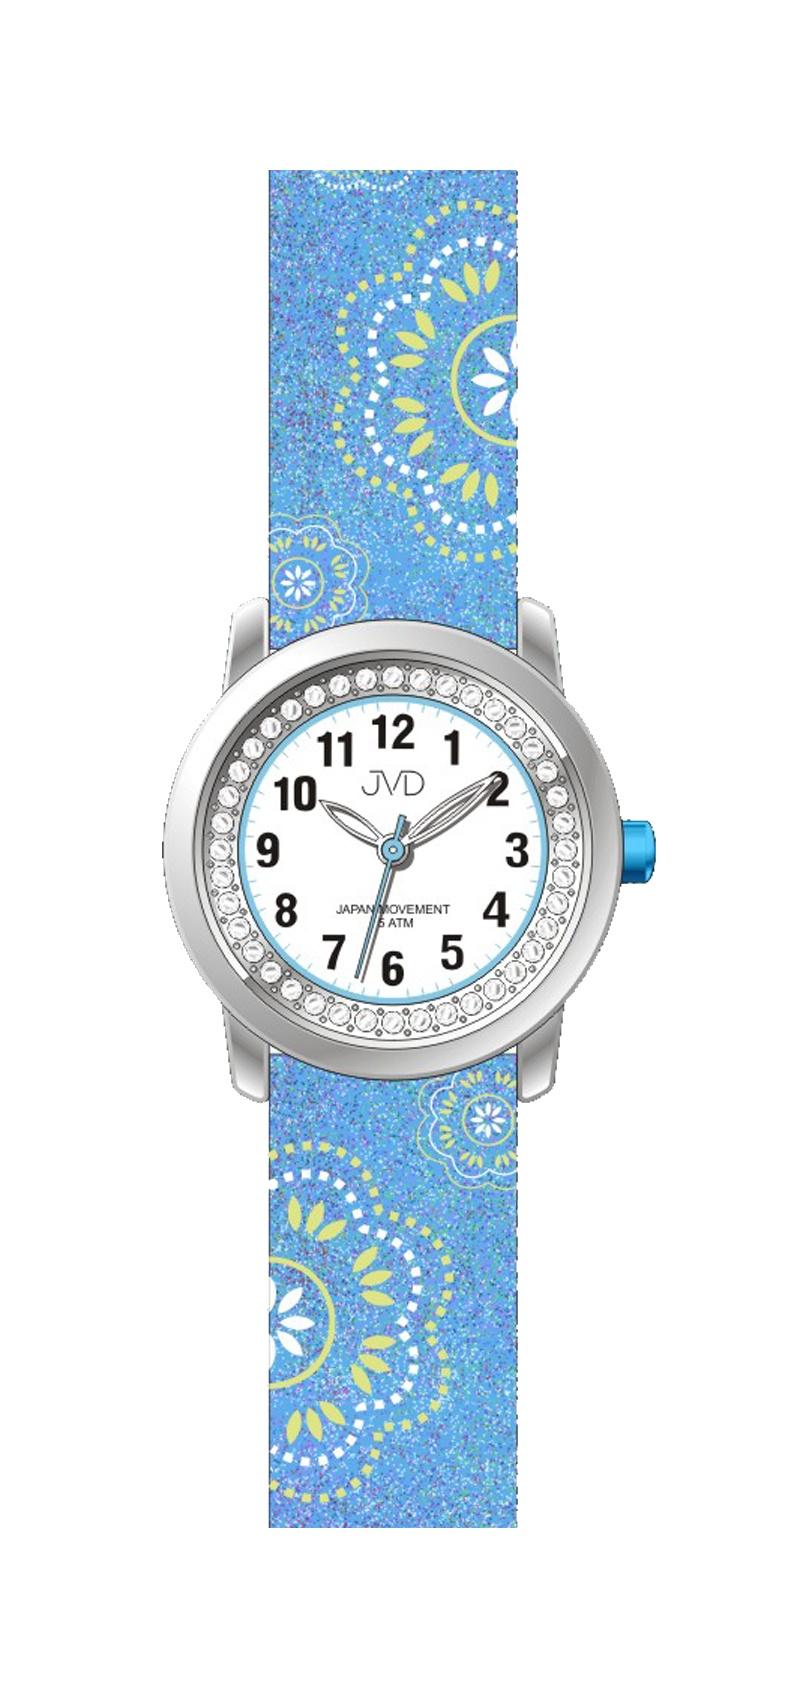 Dětské dívčí náramkové hodinky JVD J7171.3 (modré)